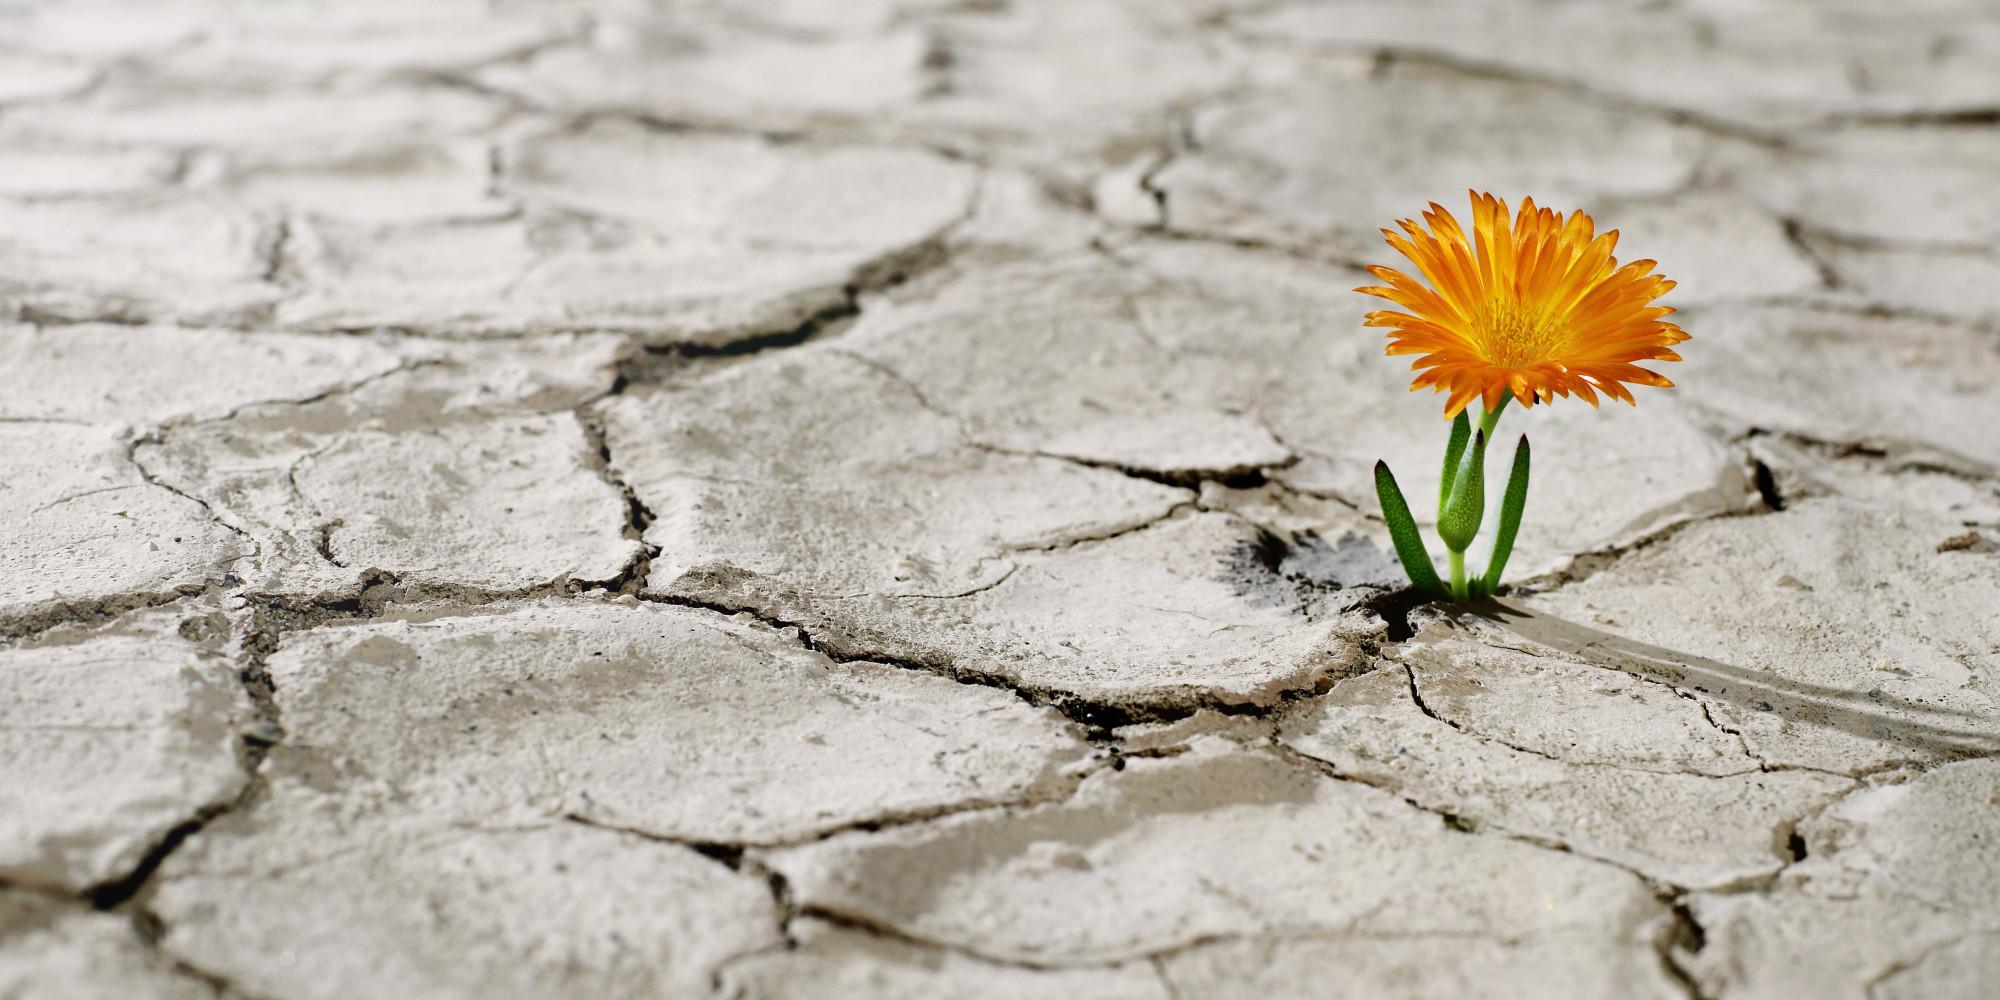 Flor creciendo en un suelo seco